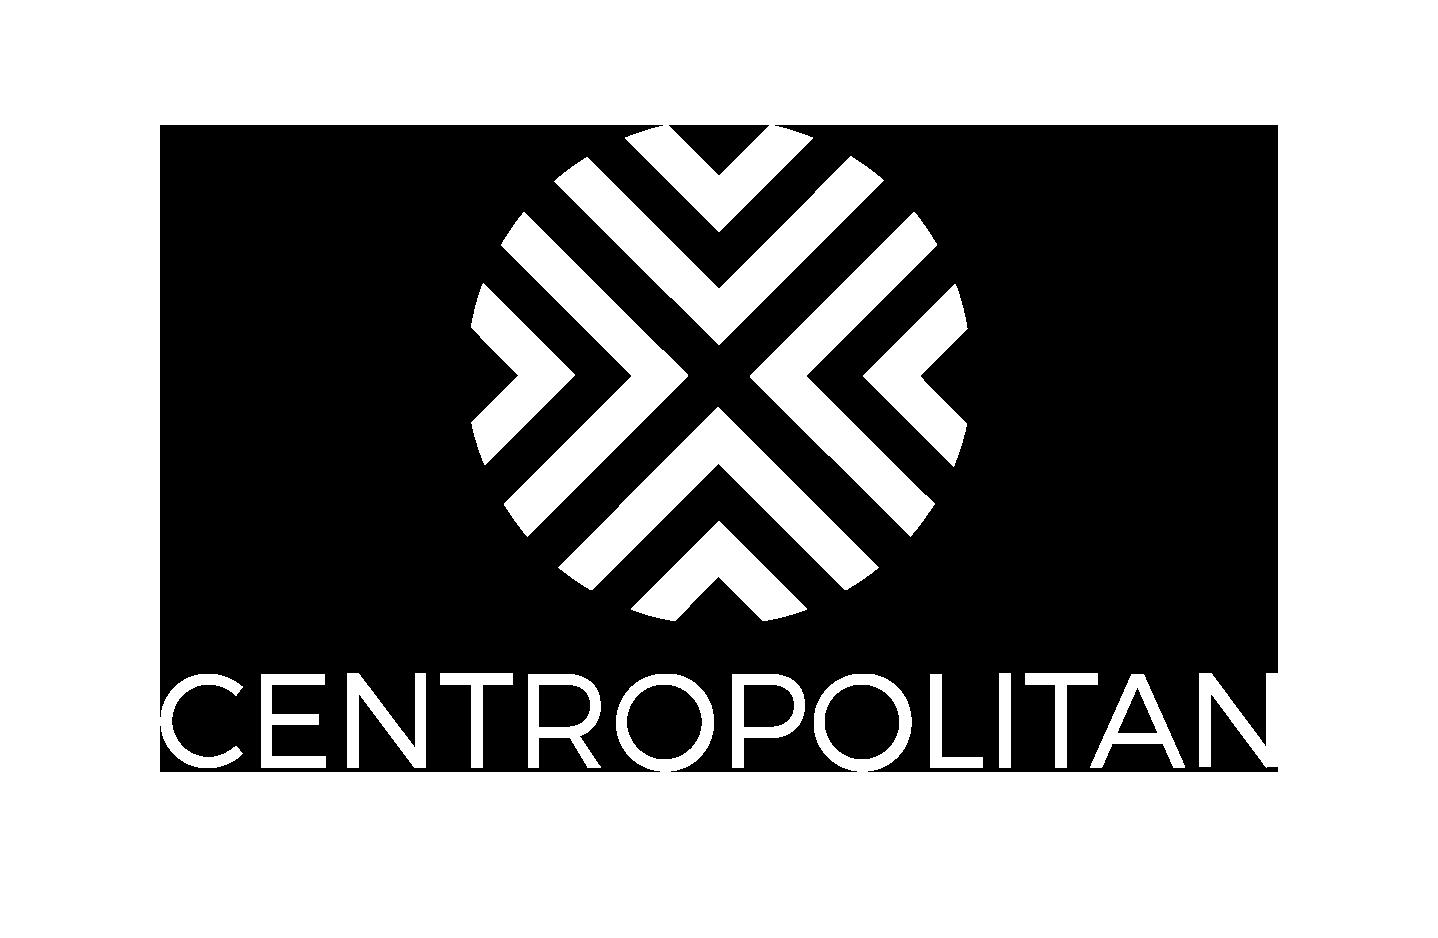 Centropolitan logo